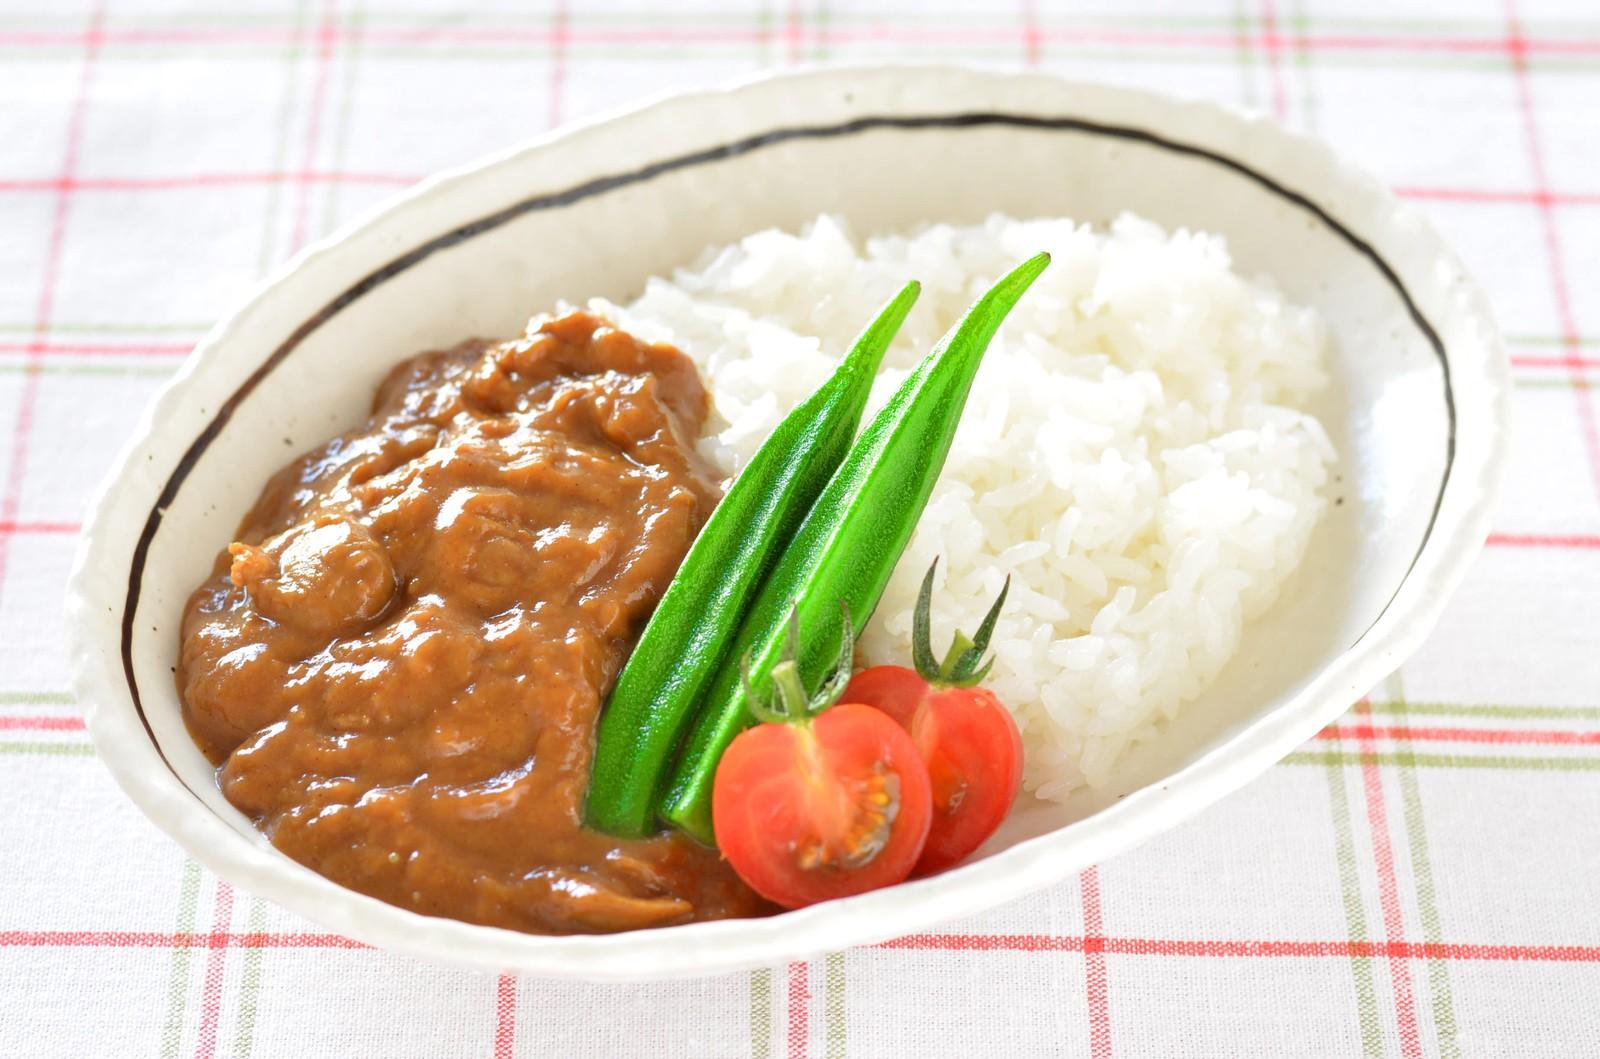 インディアンカレーは大阪の最強カレー!味やメニューは店舗ごとに違う?